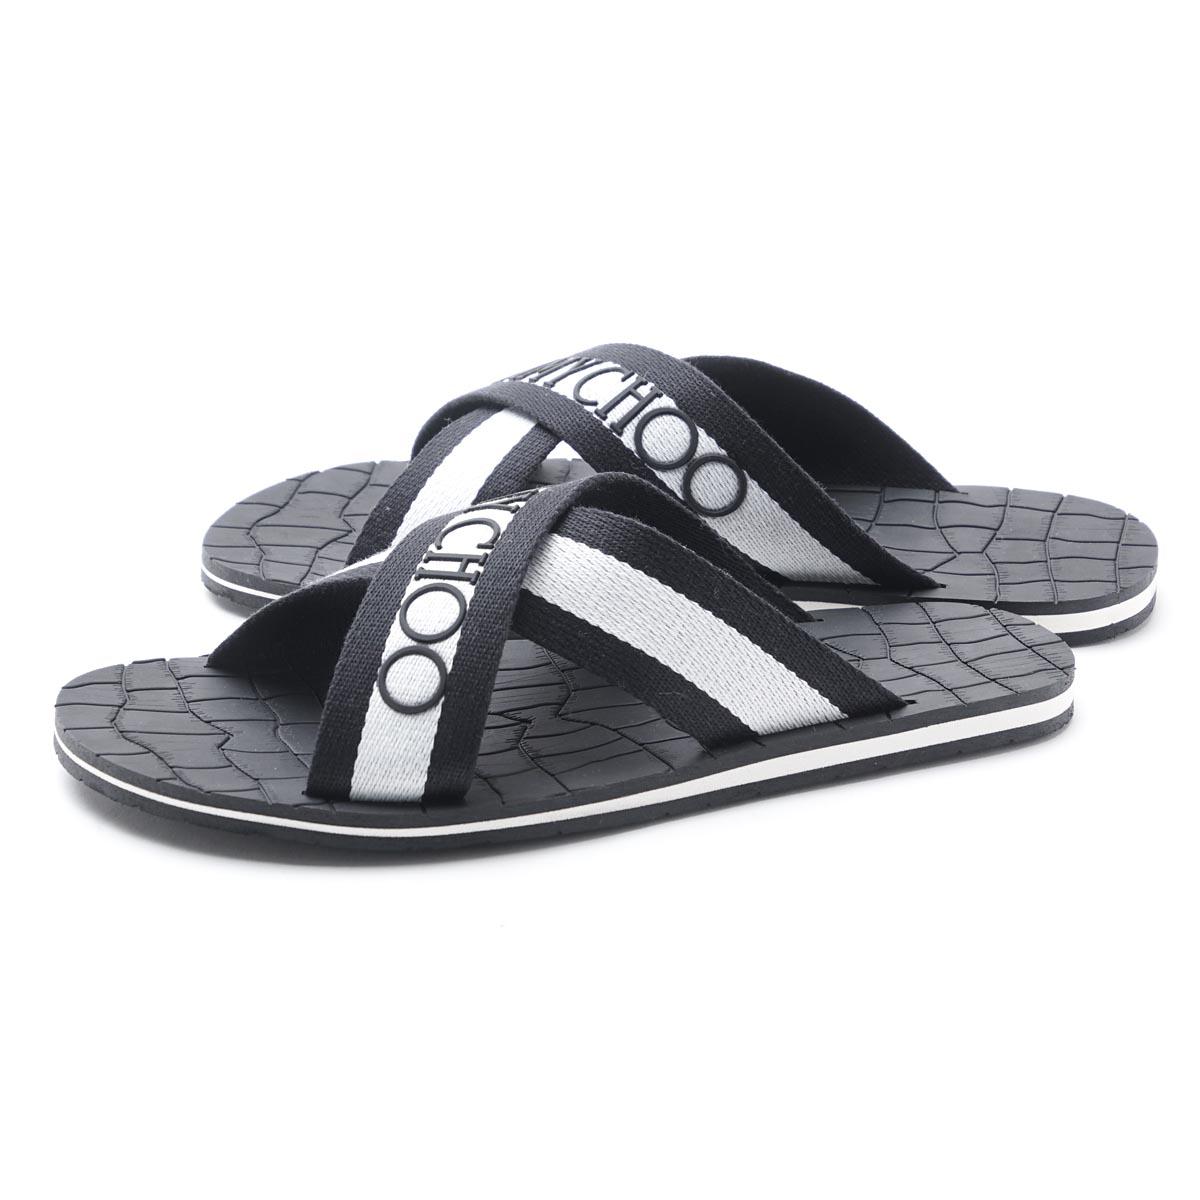 ジミーチュウ JIMMY CHOO beach sandal CLIVE BLACK X WHITE black system clive ggu black